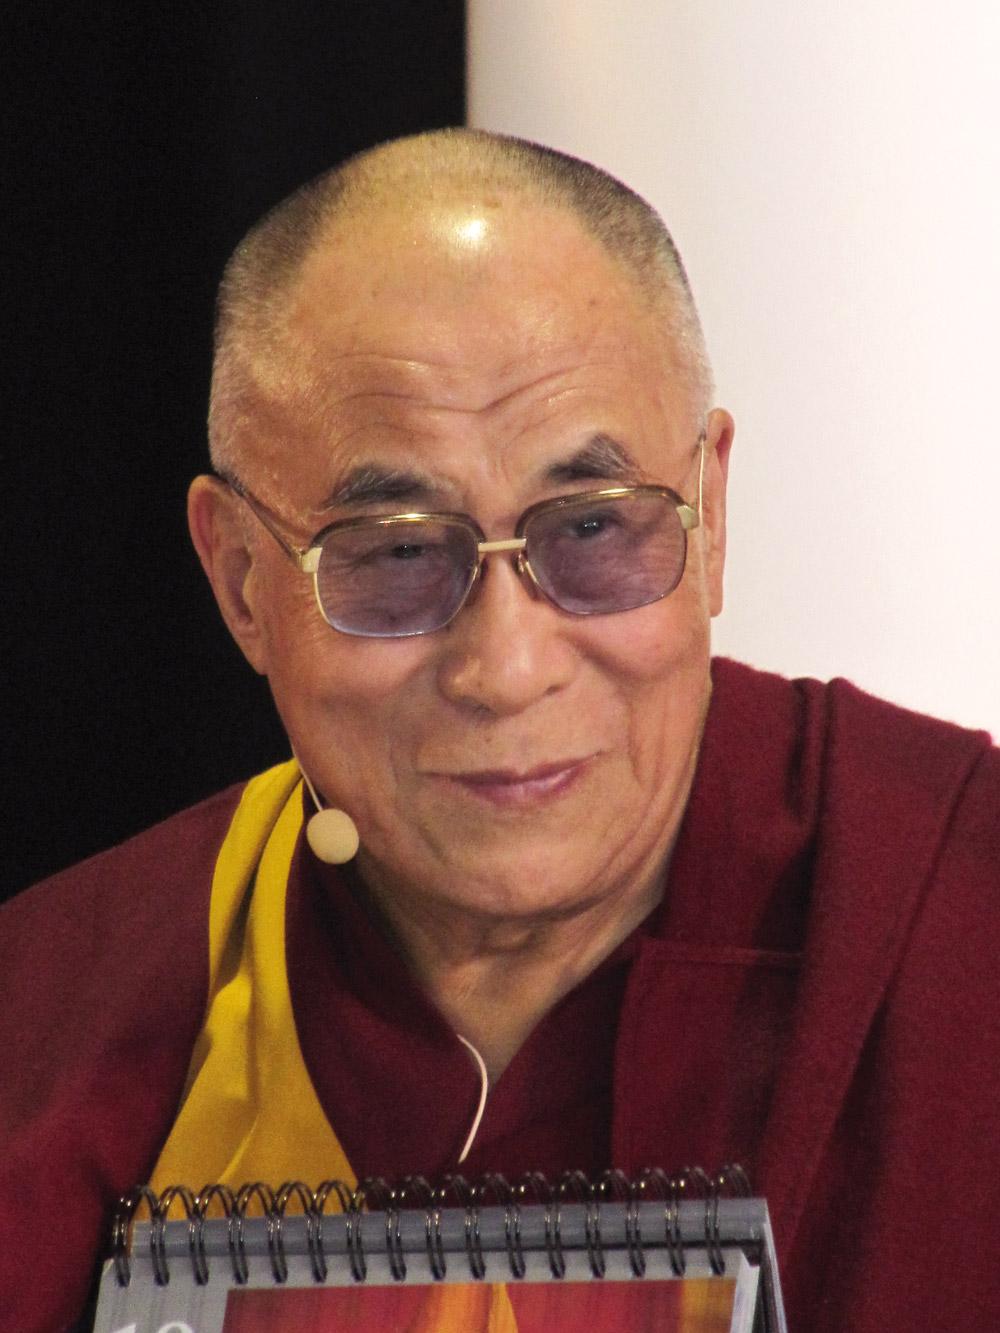 Tenzin Gyatso, XIV. Dalai Lama